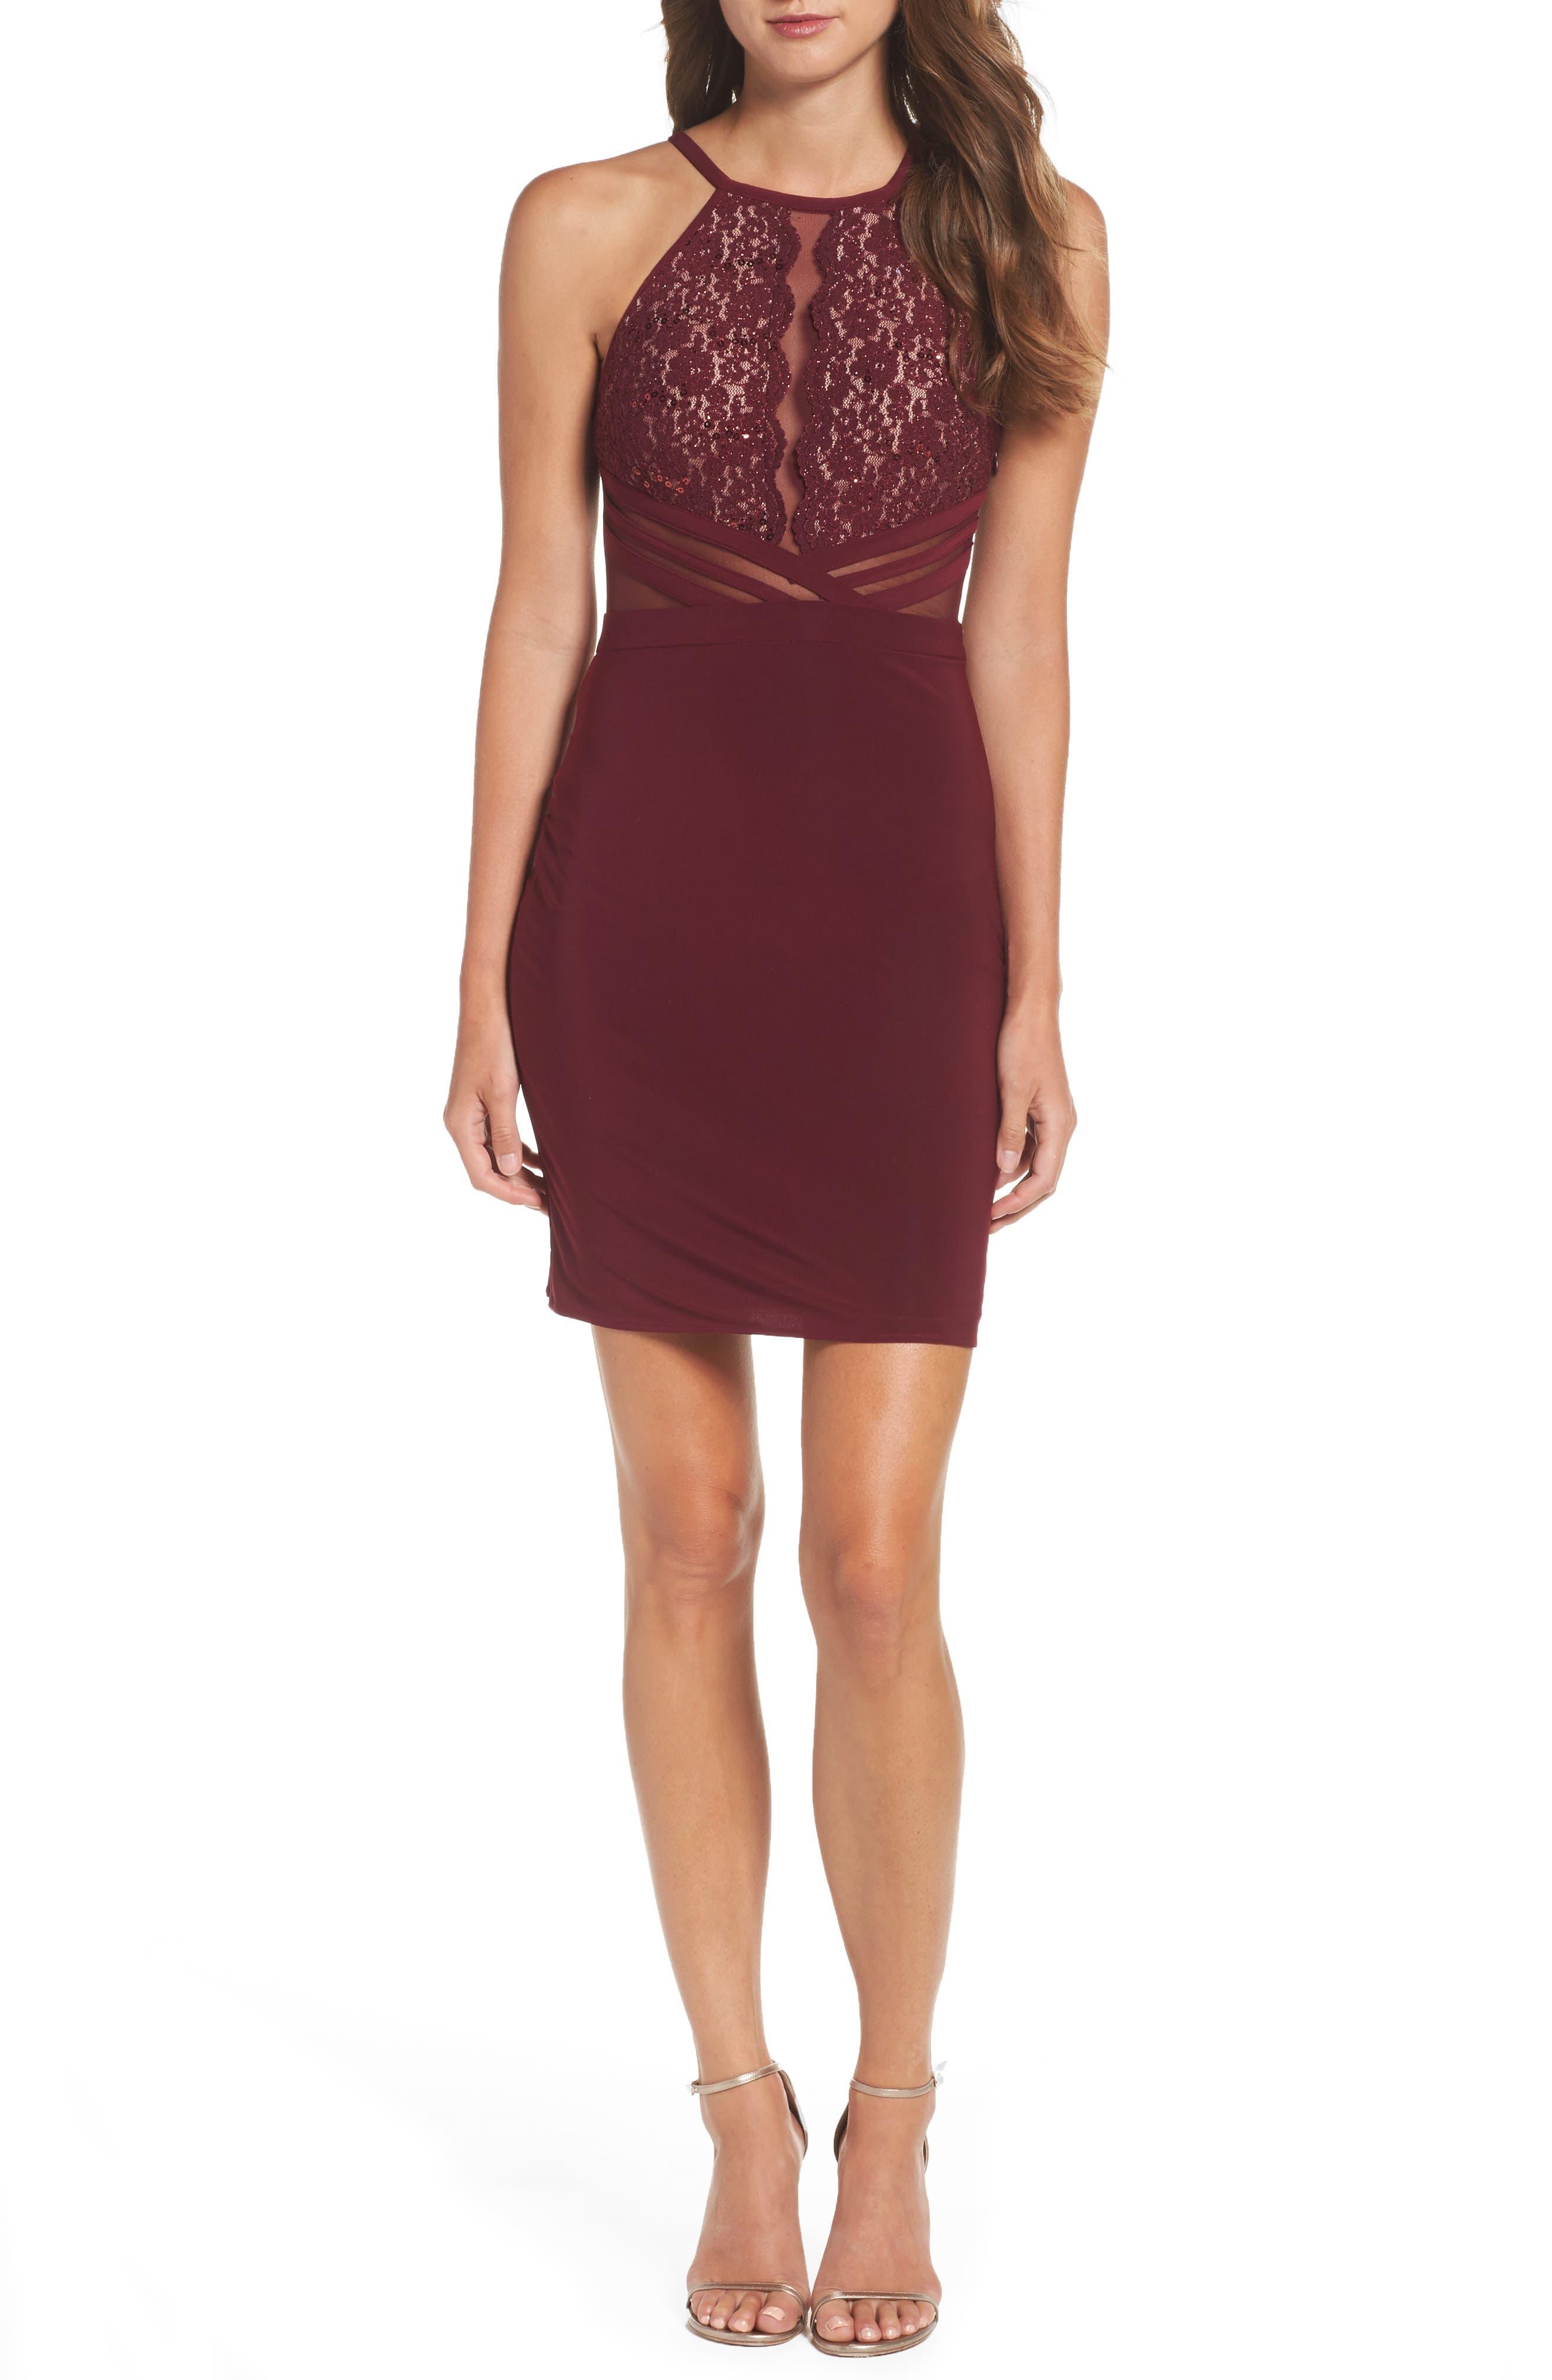 Morgan & Co. Scallop Lace Bodice Body-Con Dress